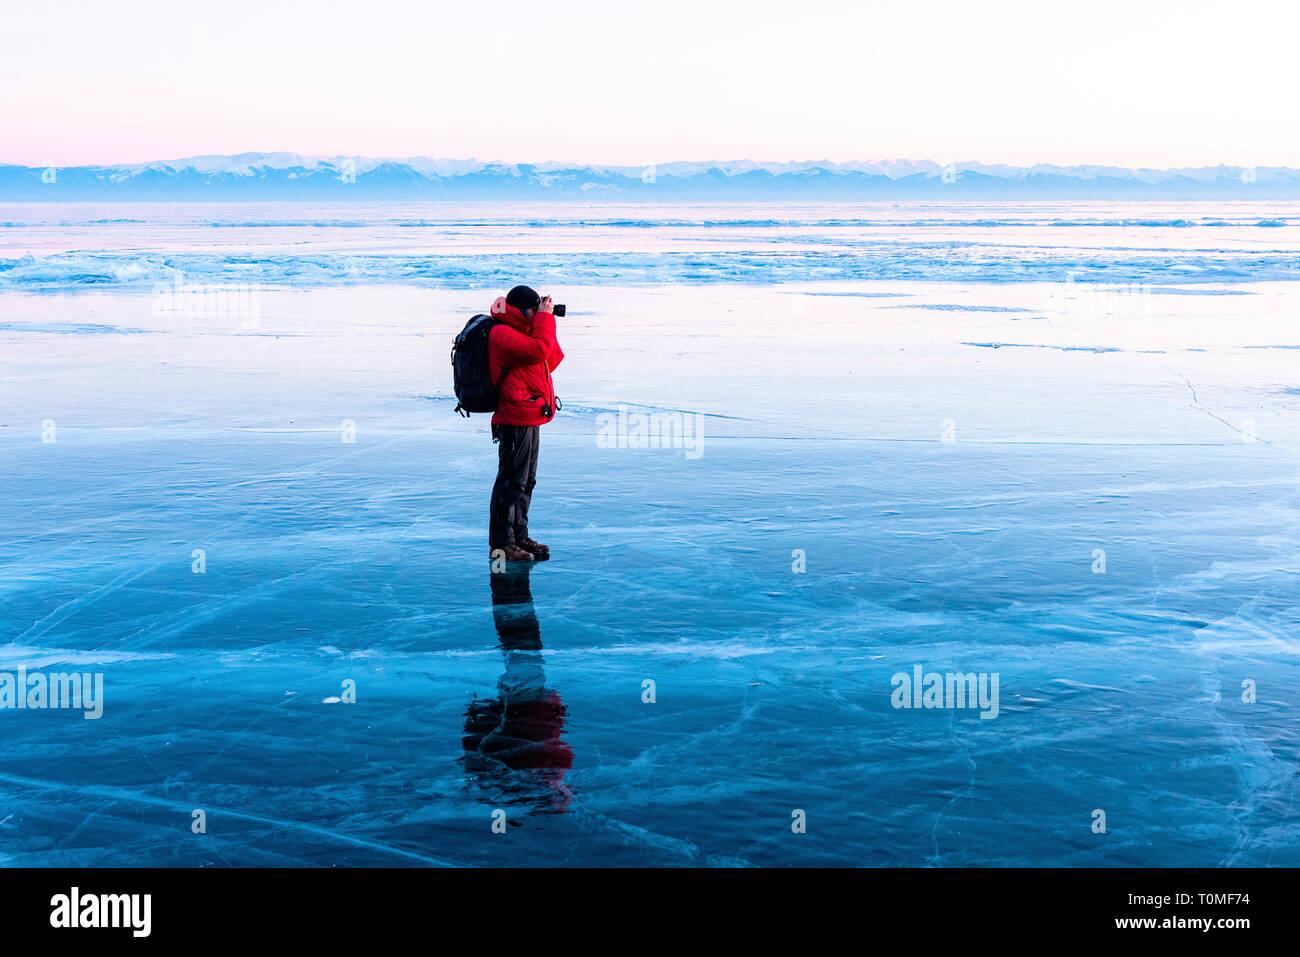 Photographe debout sur lac gelé, Lac Baikal, Sibérie, Russie Banque D'Images